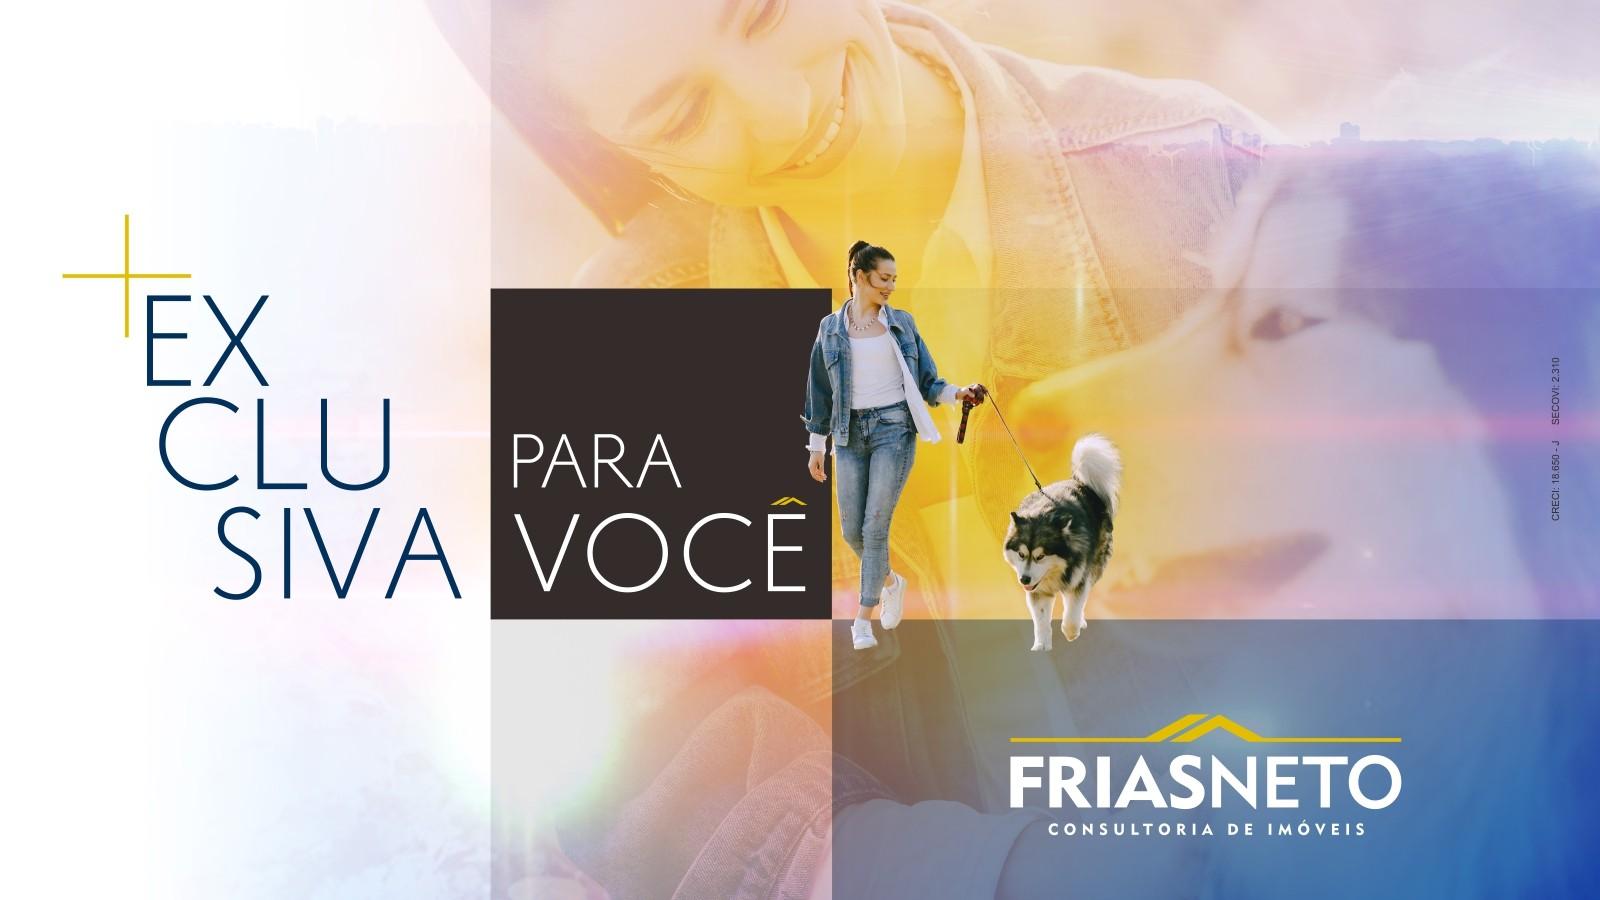 Frias Neto lança nova campanha com foco no atendimento exclusivo ao cliente